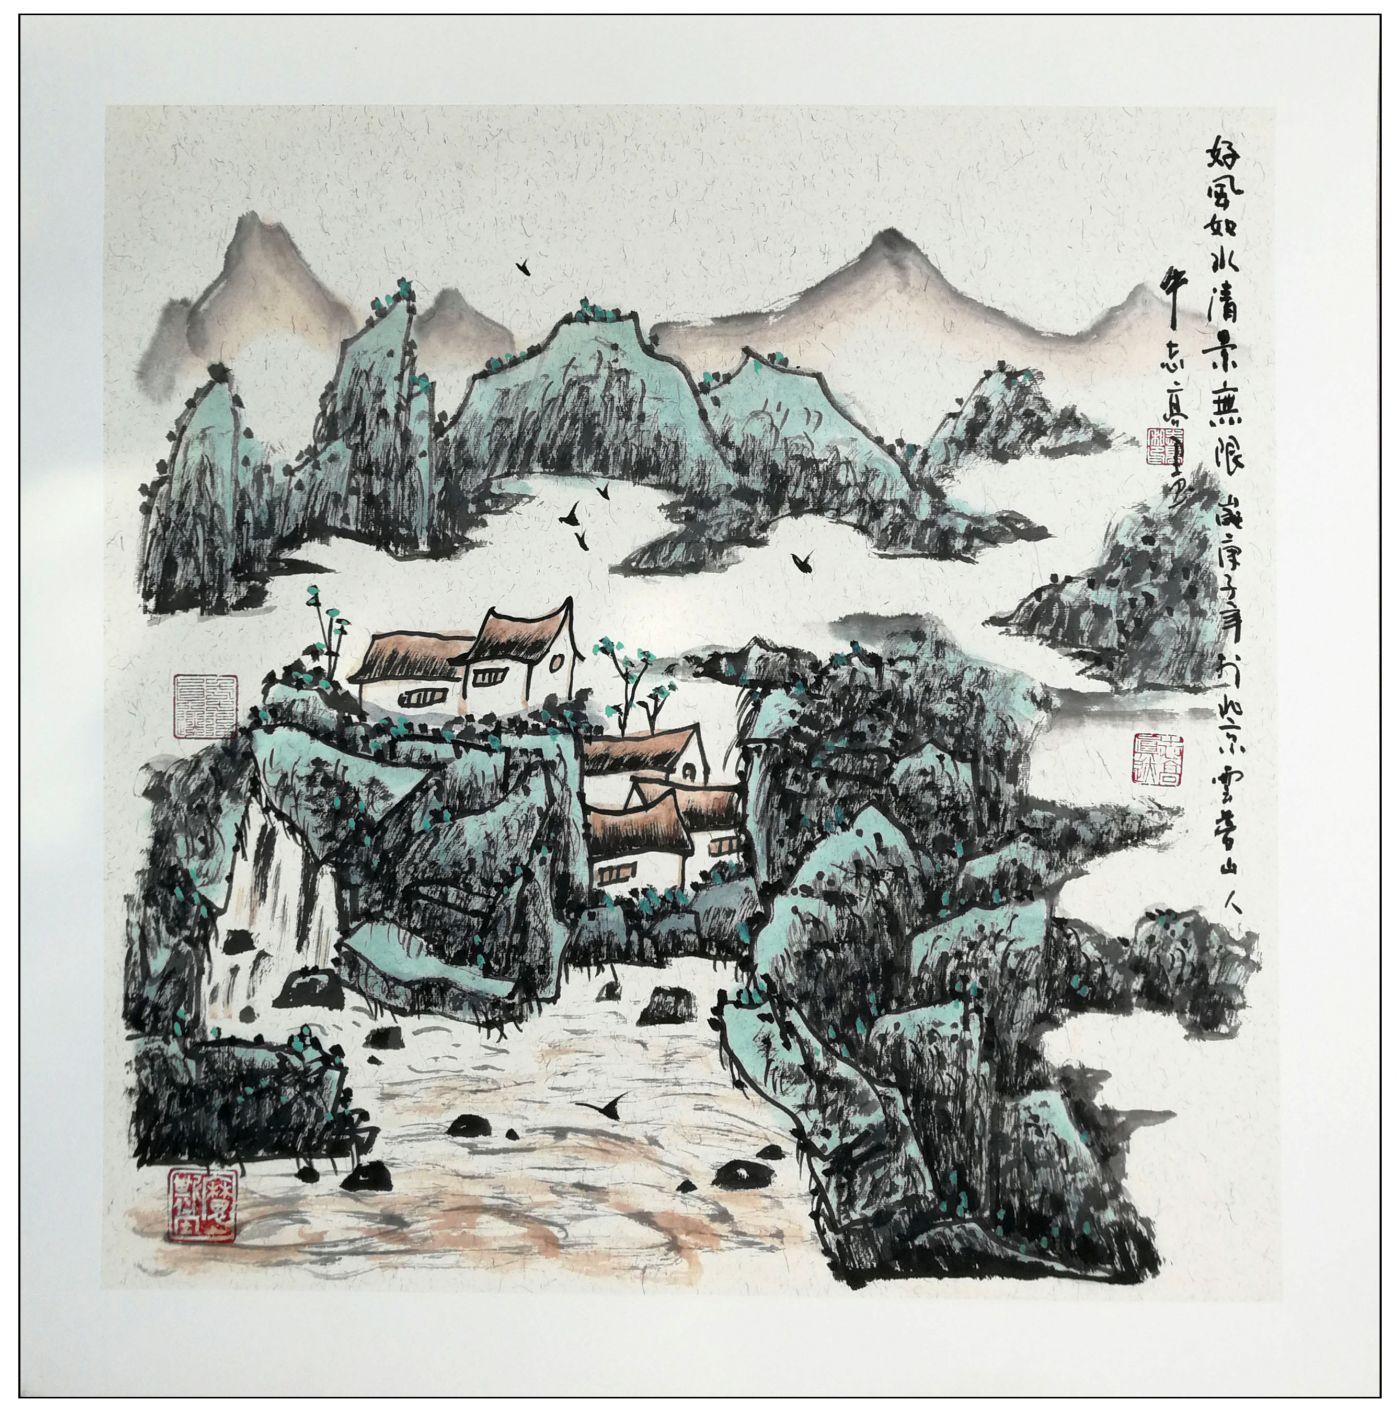 牛志高2020山水画新作-----2020.07.07_图1-9